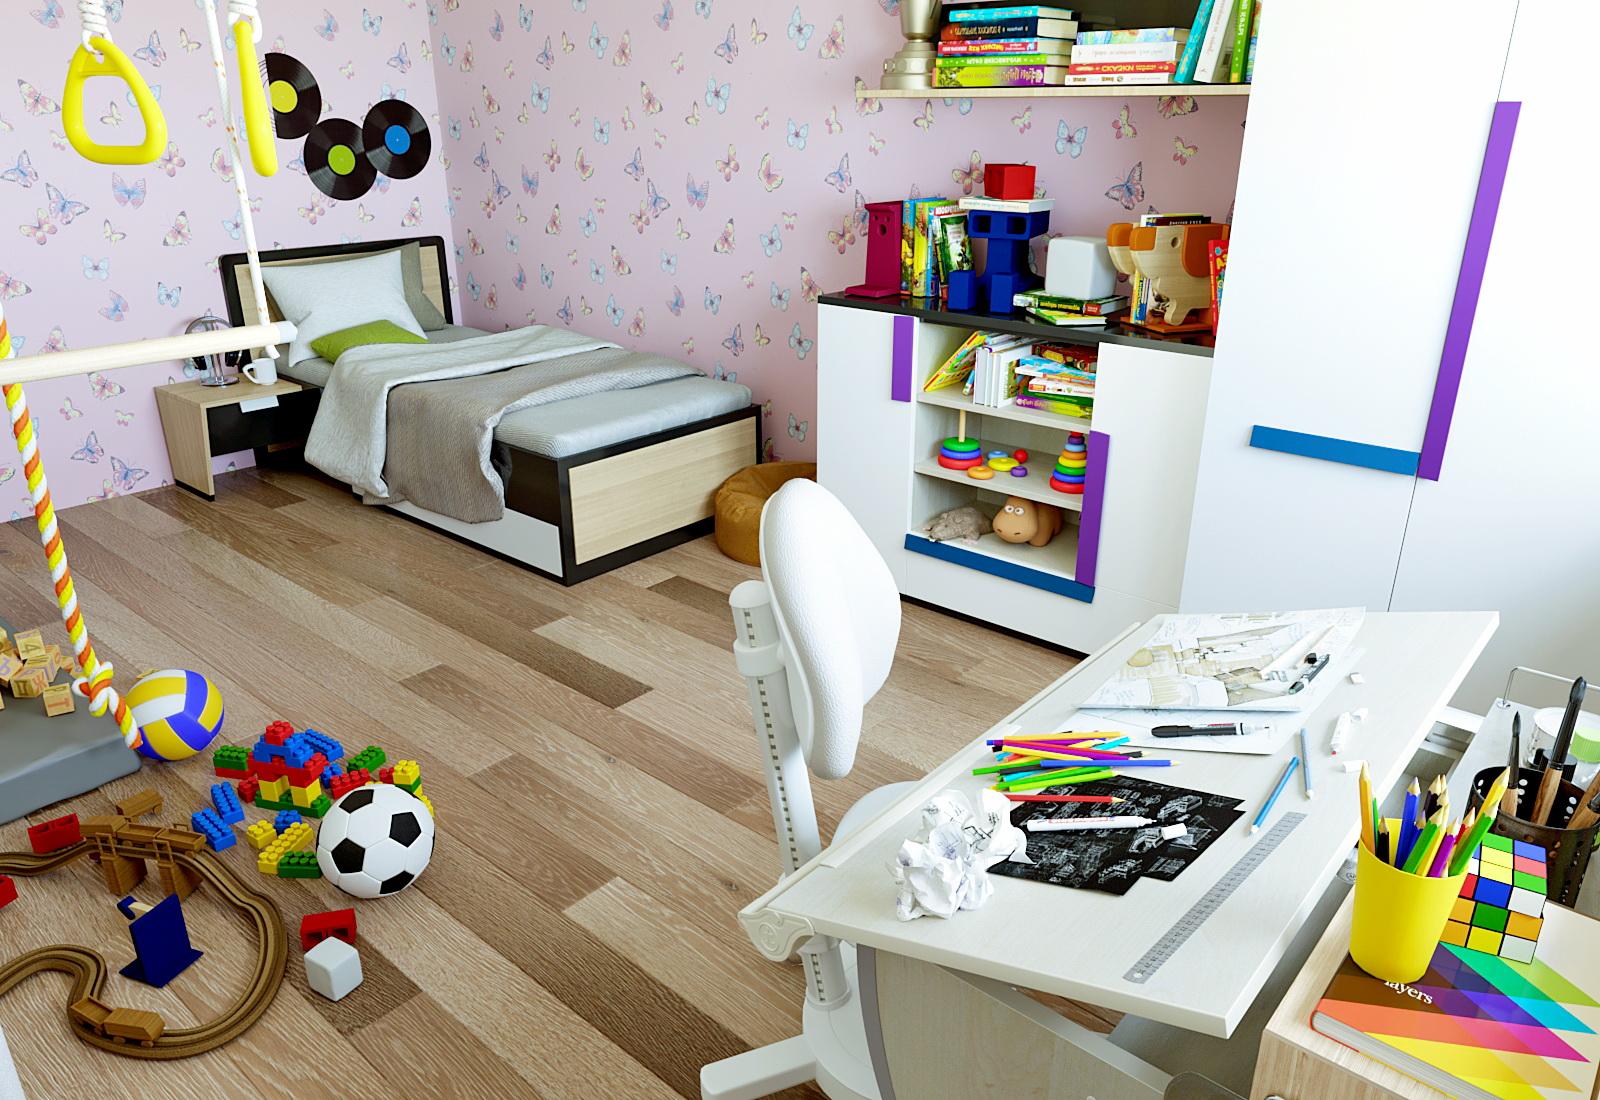 3 डी- बच्चों के कमरे का दृश्य 3d max corona render में प्रस्तुत छवि